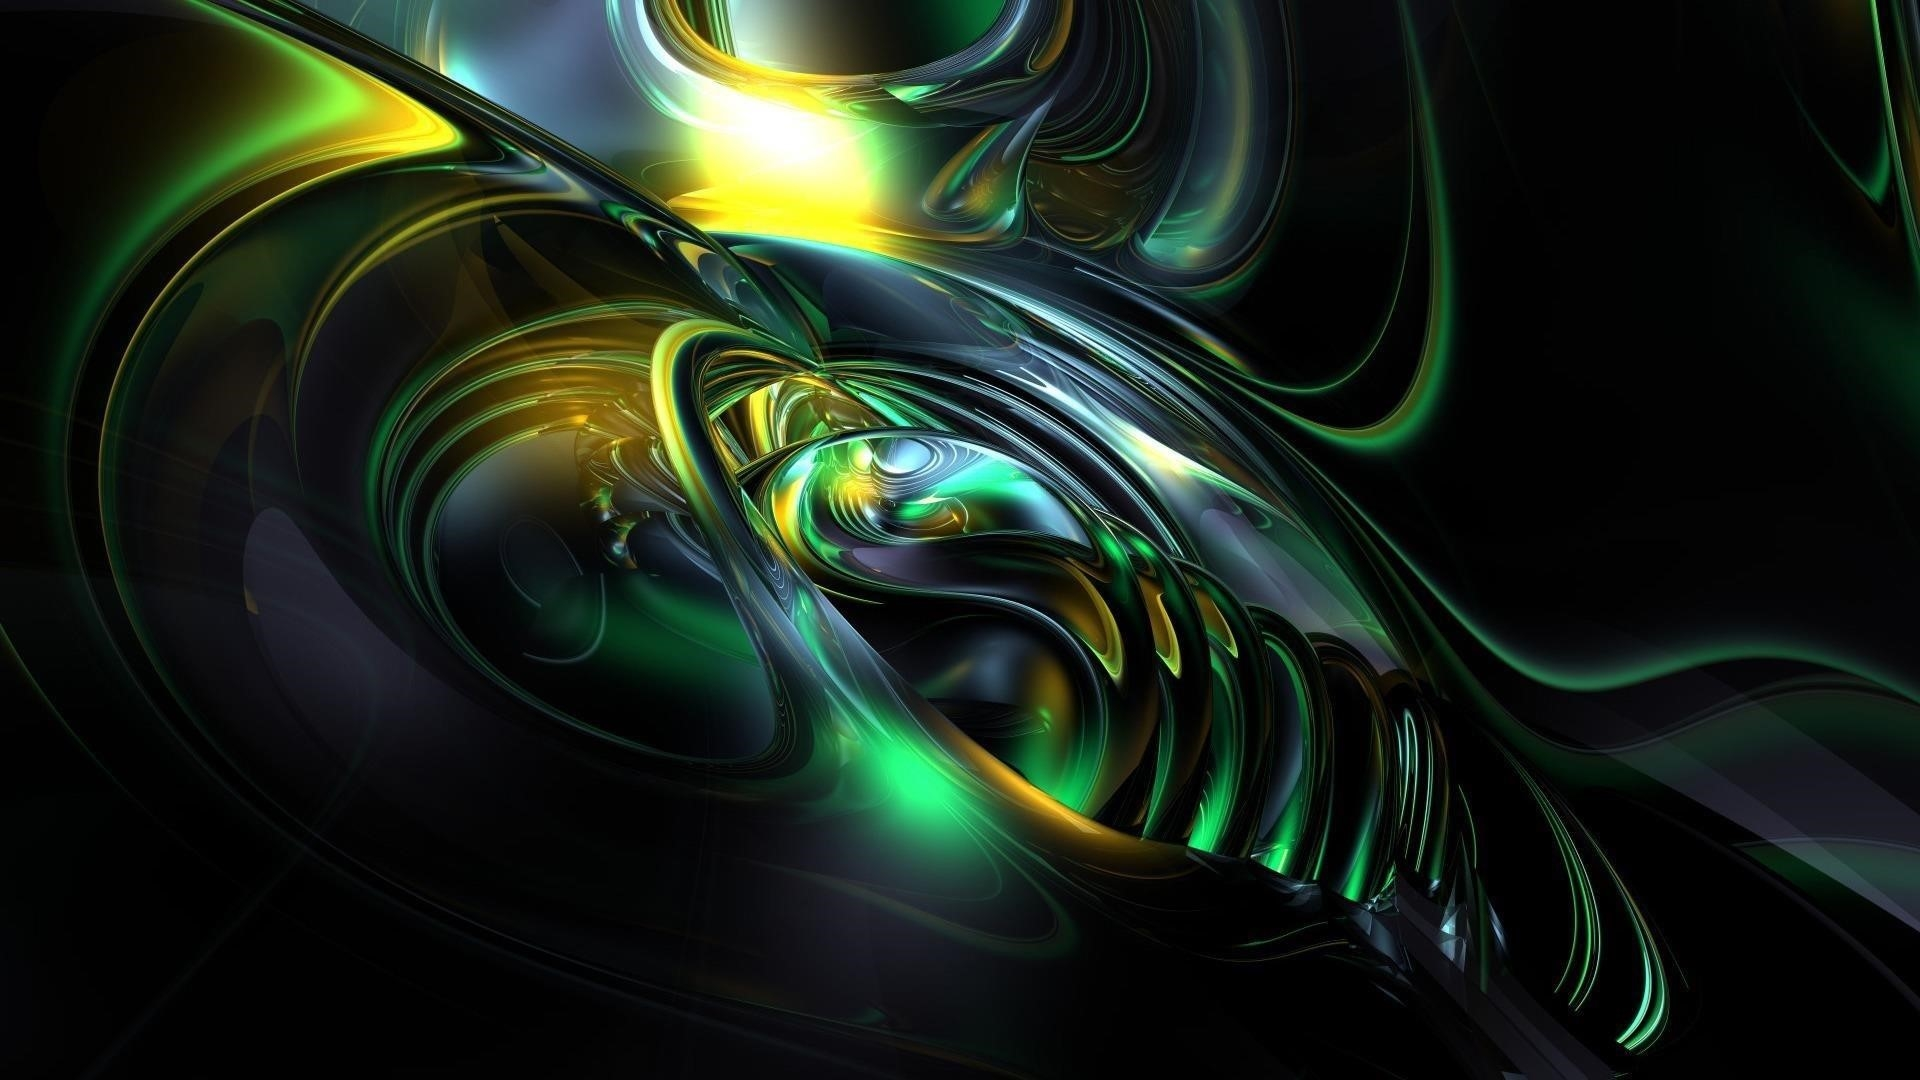 Желто-пепельно-зеленая фрактальная художественная абстракция абстракция обои скачать